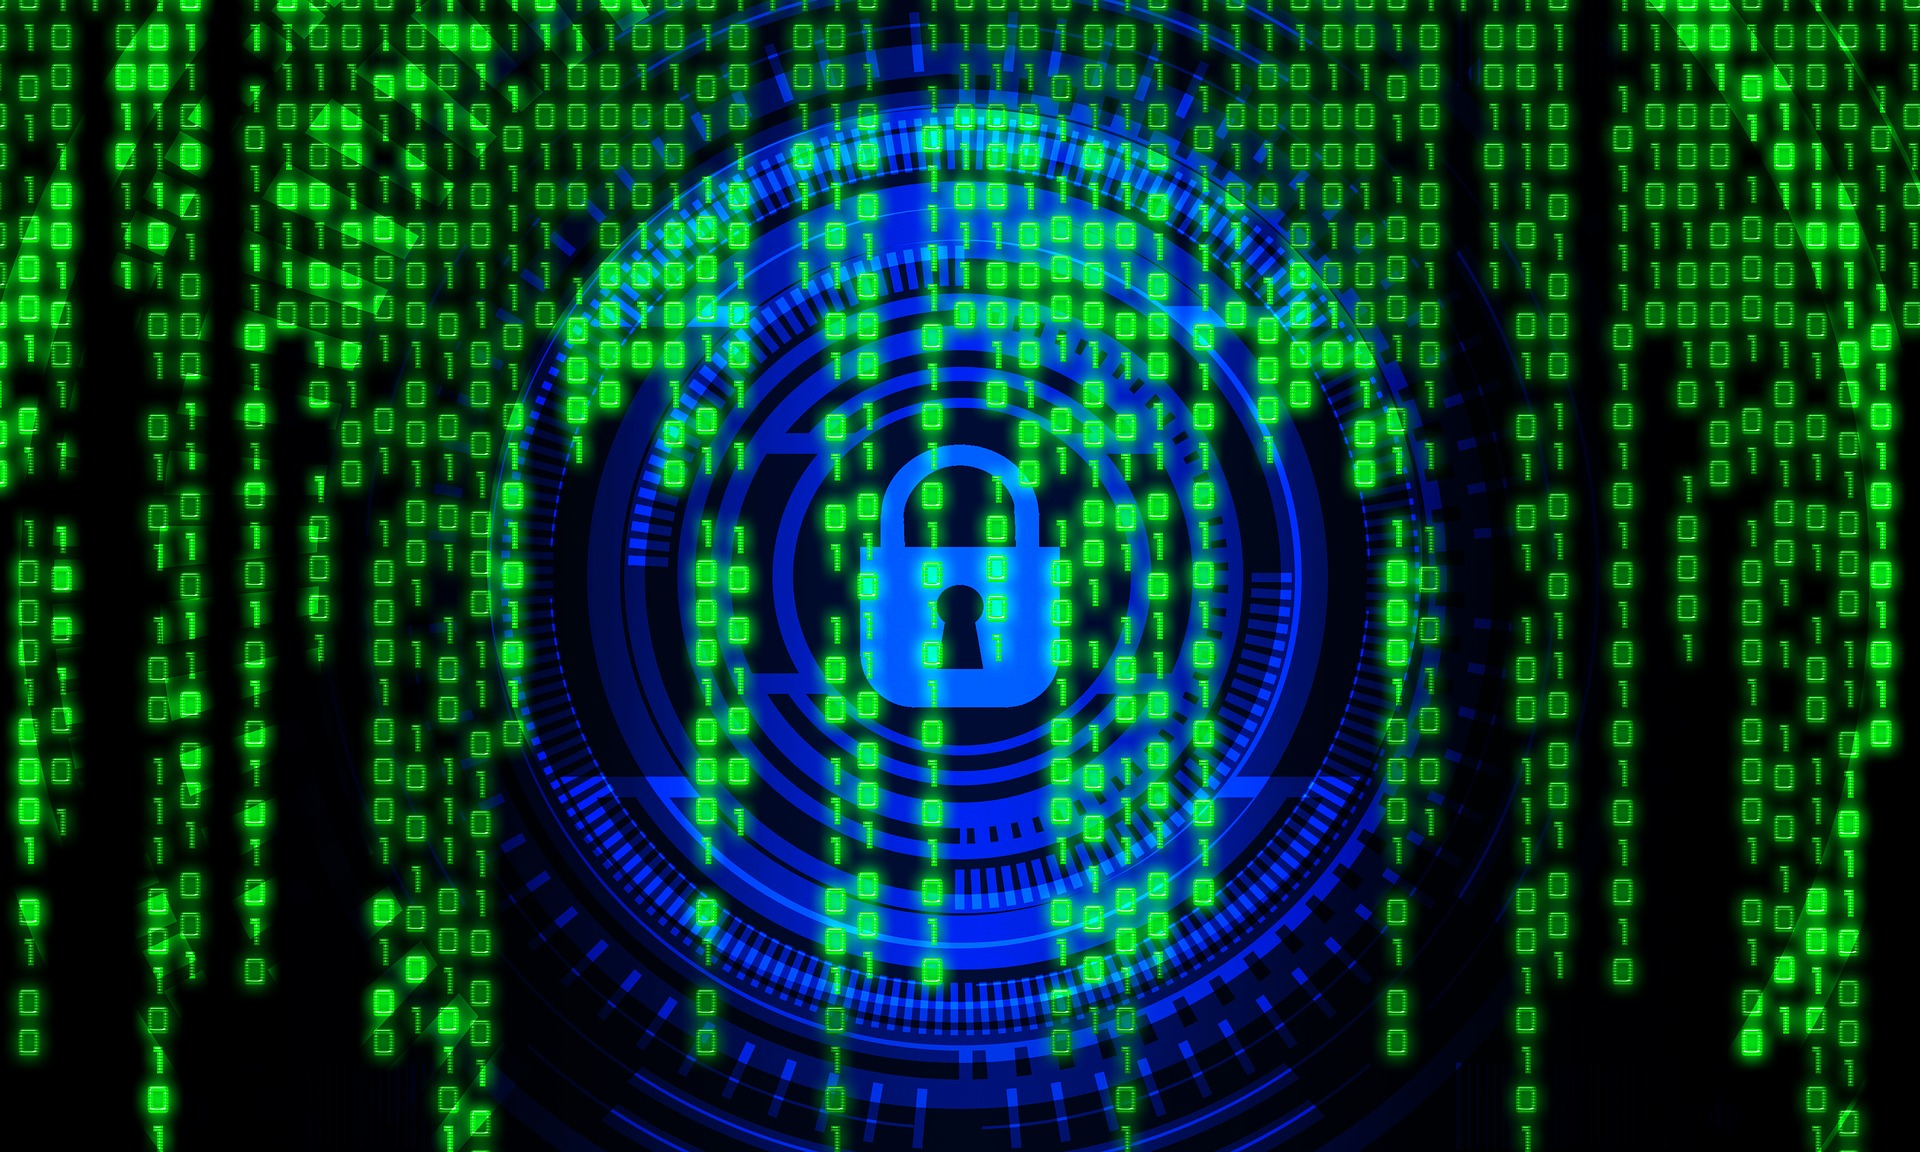 クラウドサービスのセキュリティは大丈夫?リスクや対策を解説